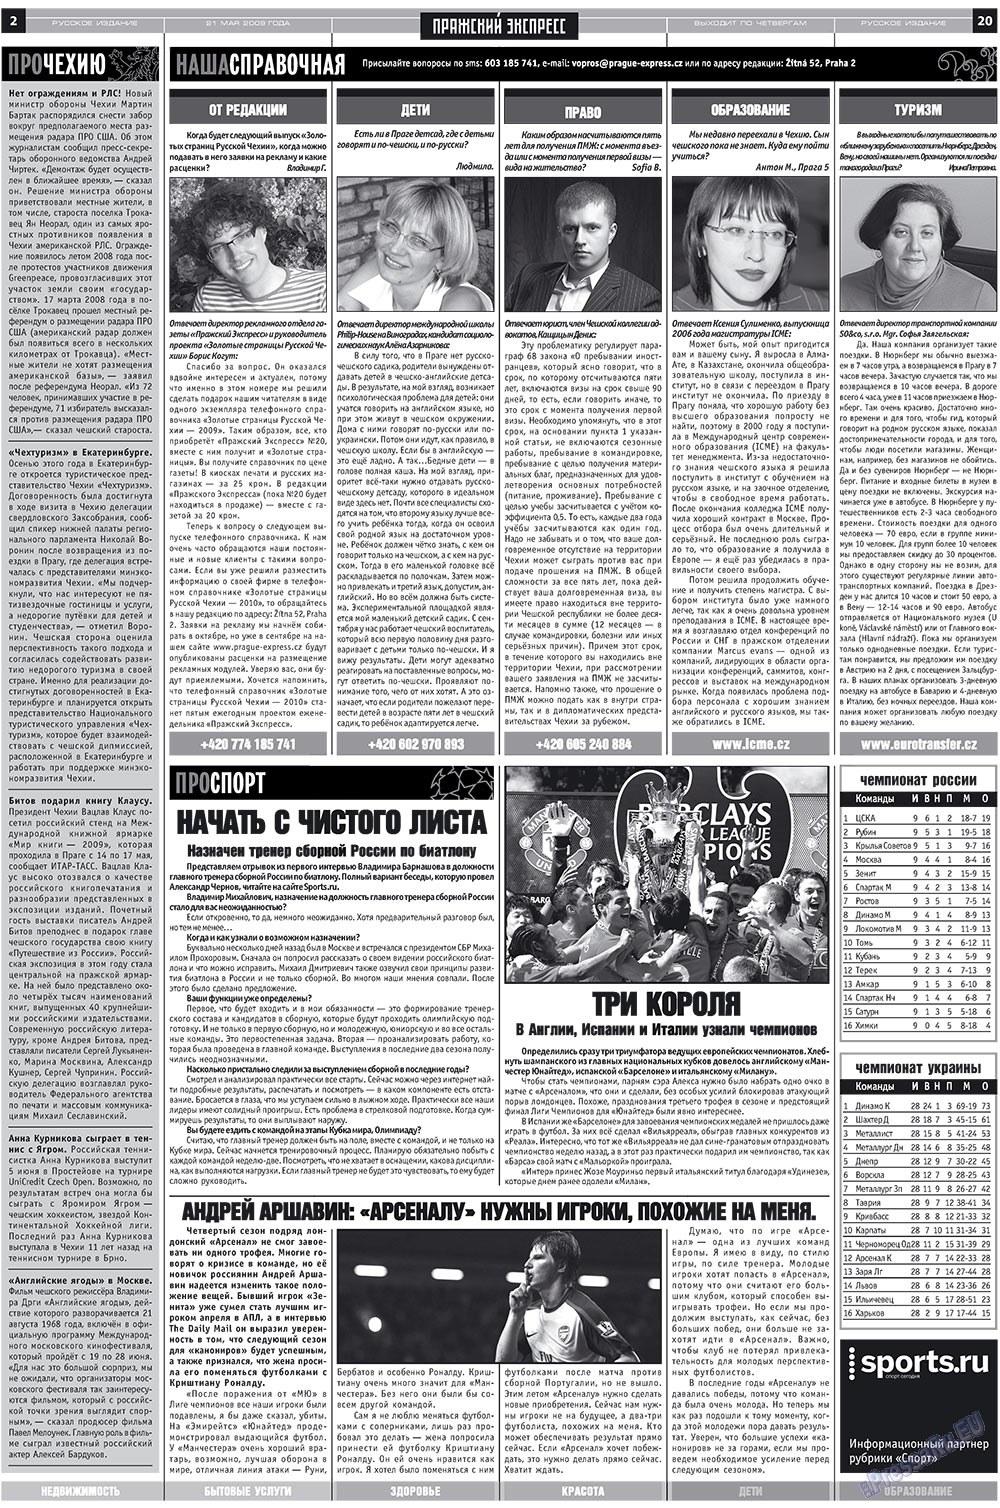 Пражский экспресс (газета). 2009 год, номер 20, стр. 2